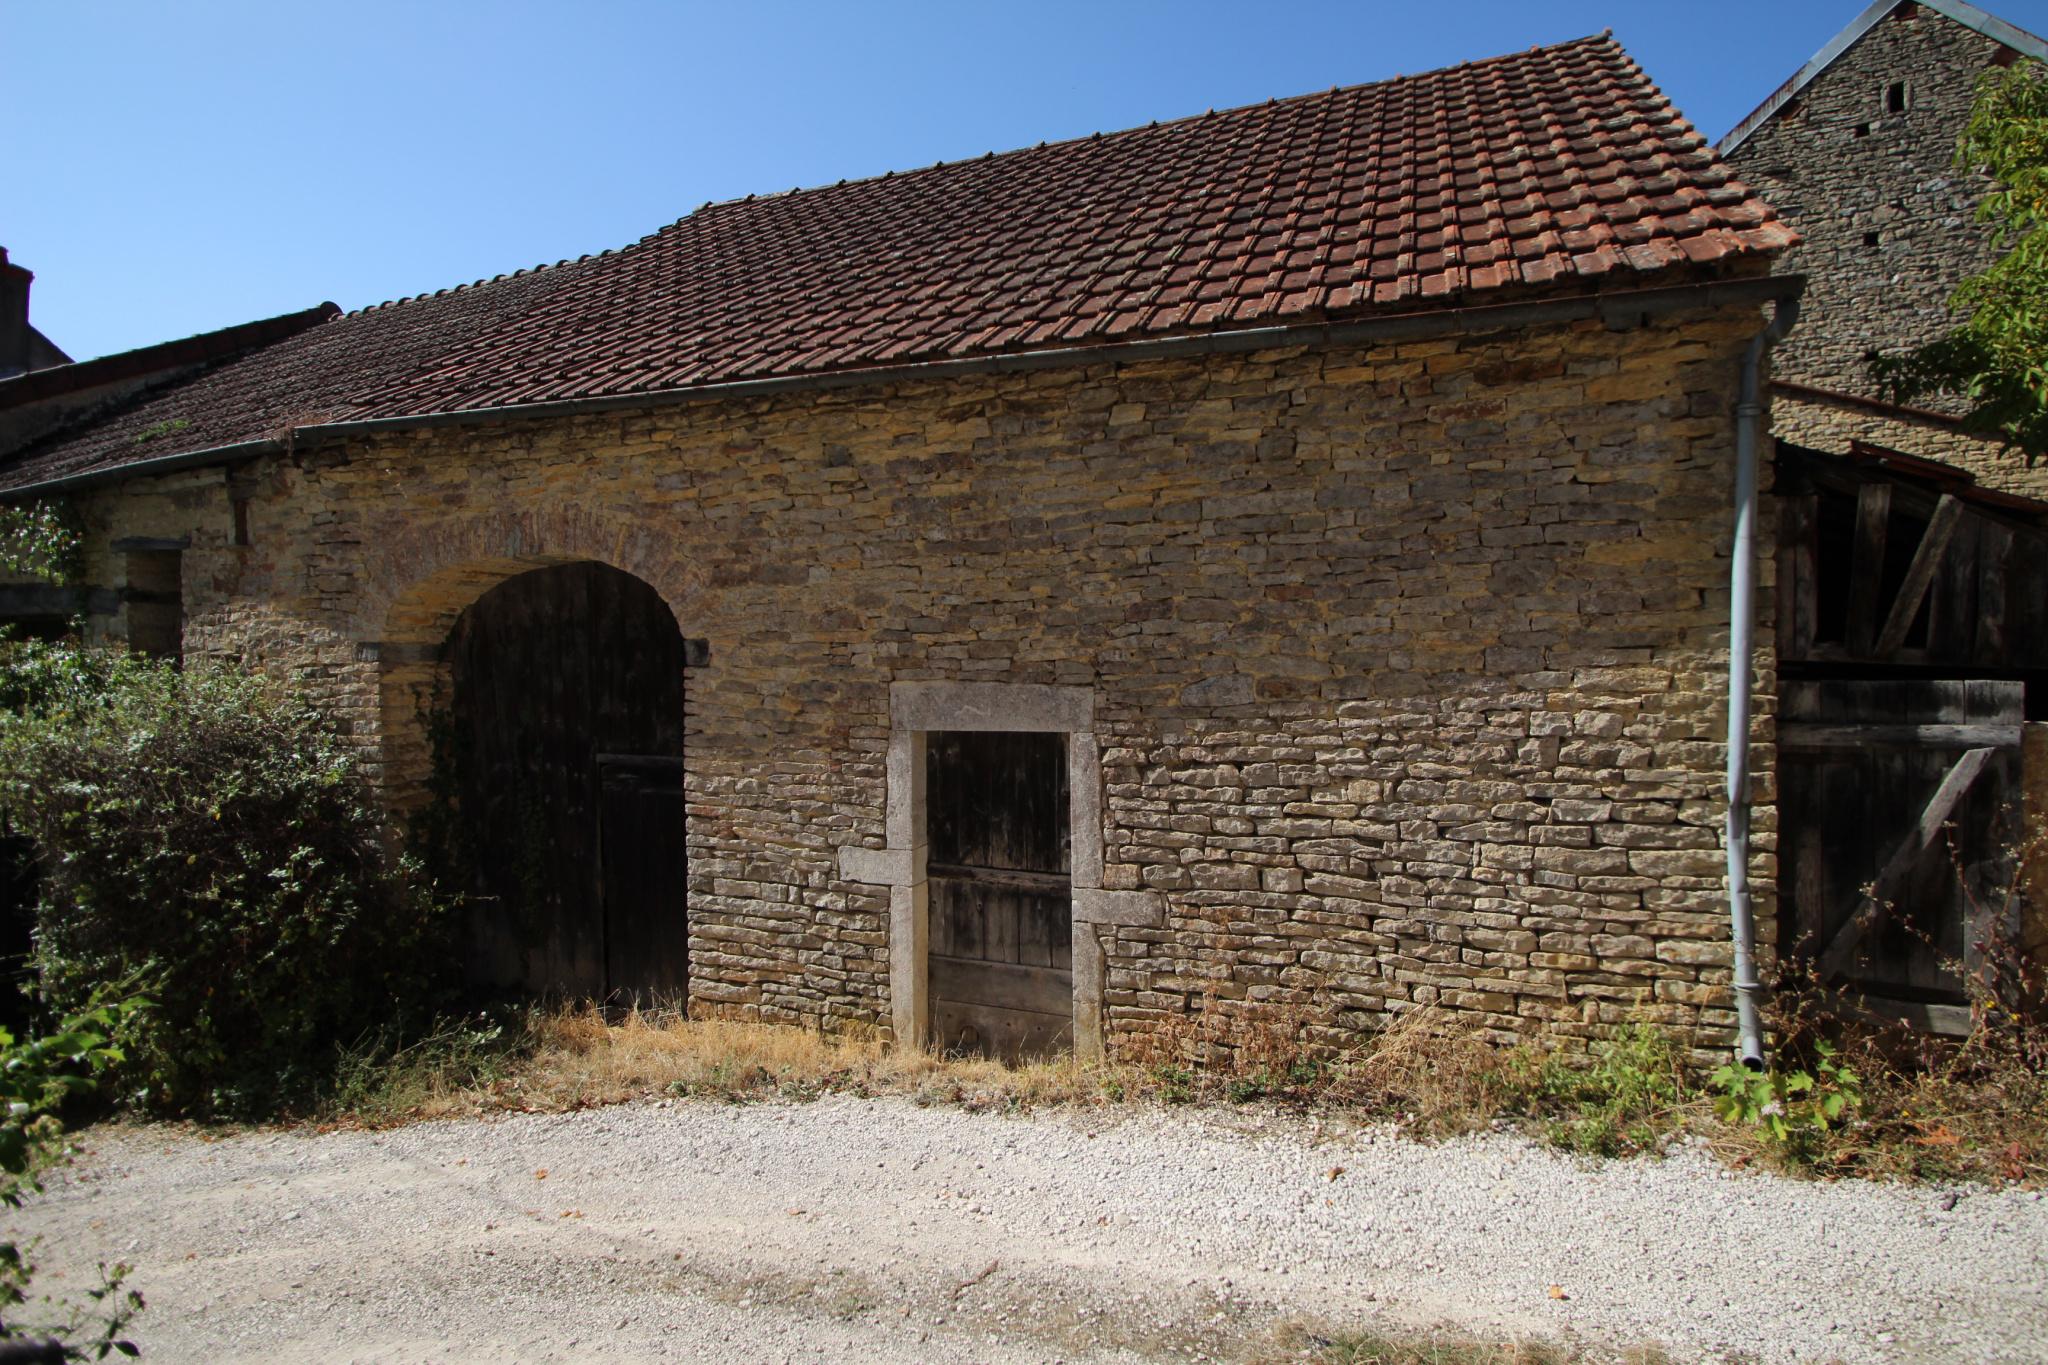 Vente maison/villa bevy NUITS ST GEORGES